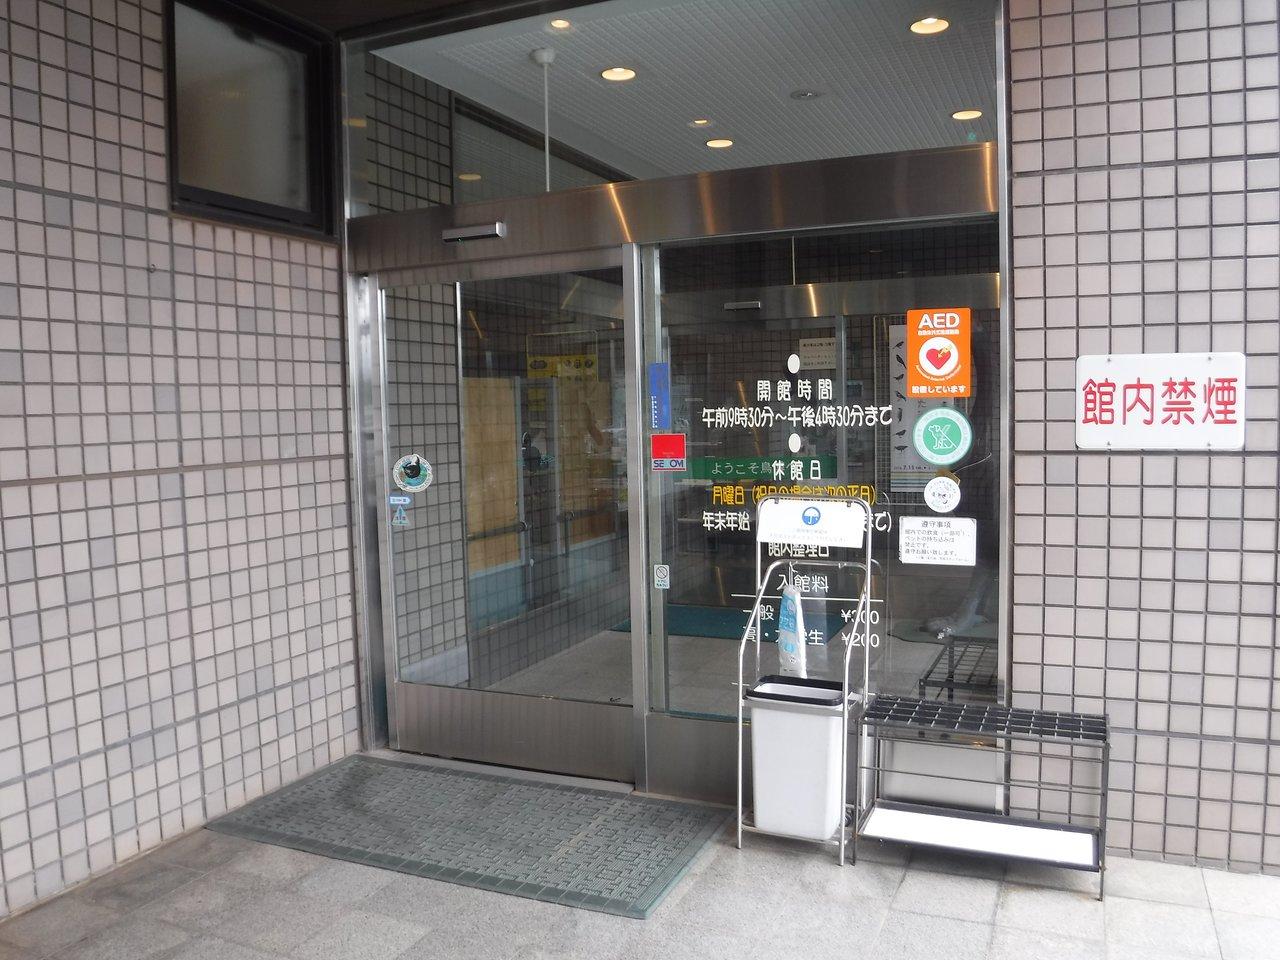 Museum Burung Di Kota Abiko Jepang Review Tripadvisor